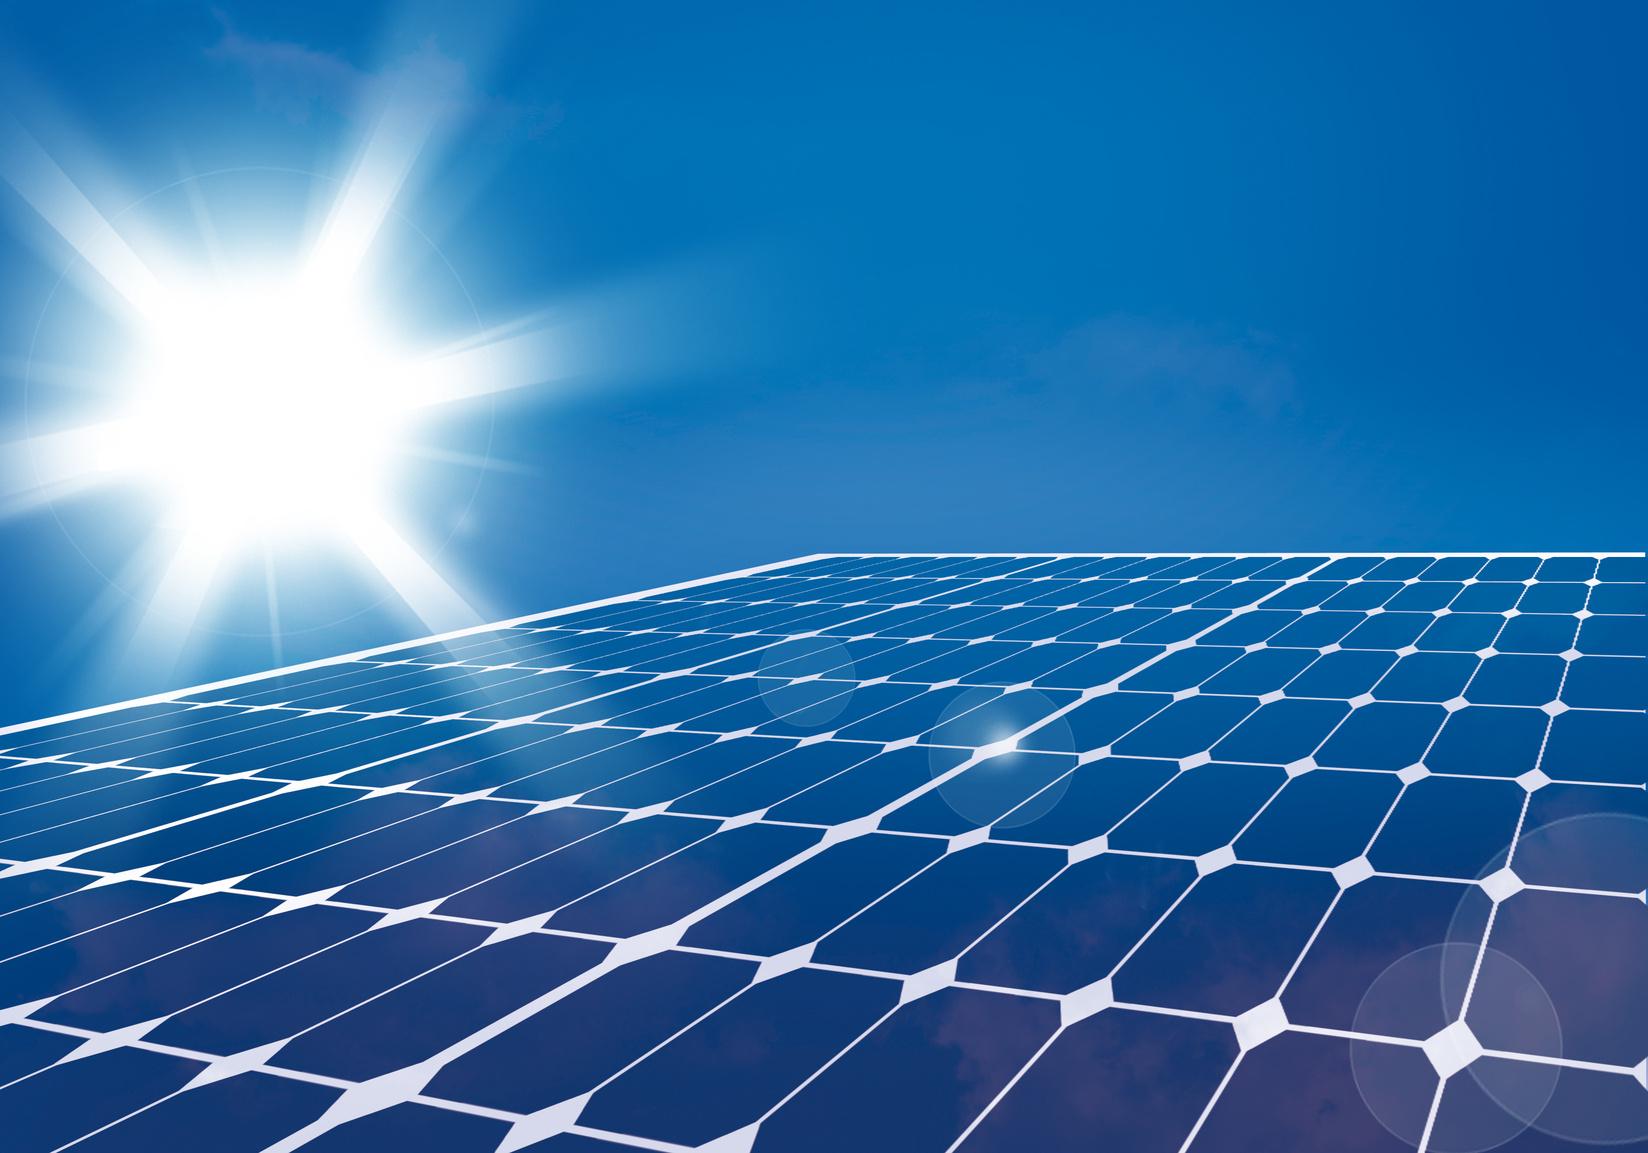 Progettazione impianti fotovoltaici e altre fonti - Altroconsumo fotovoltaico ...